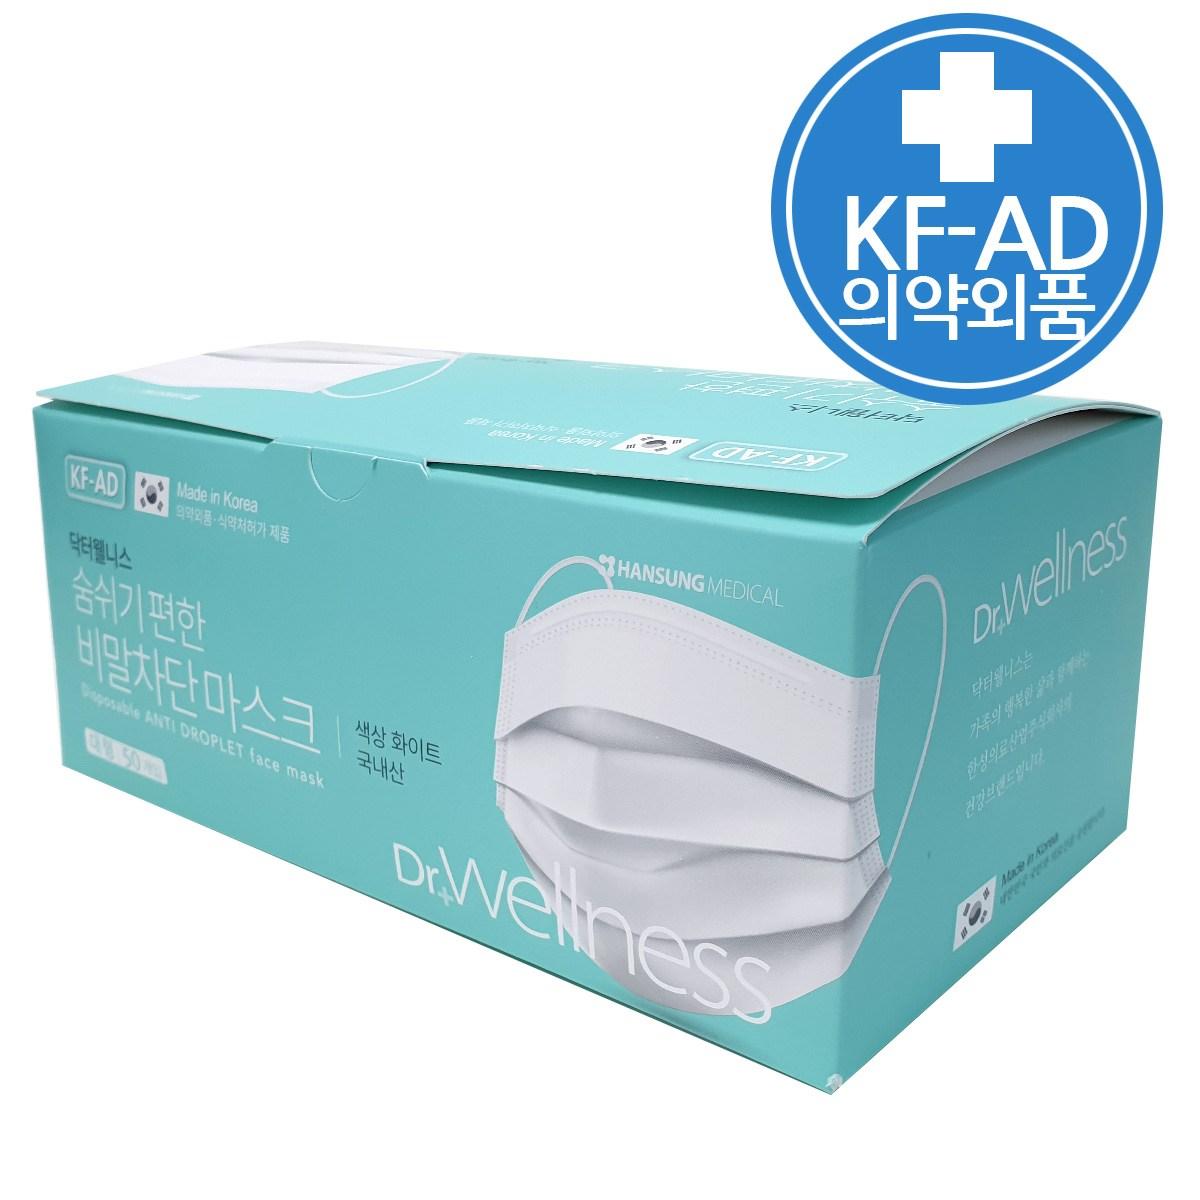 웰니스 의약외품 KF-AD 비말 차단 마스크 50매